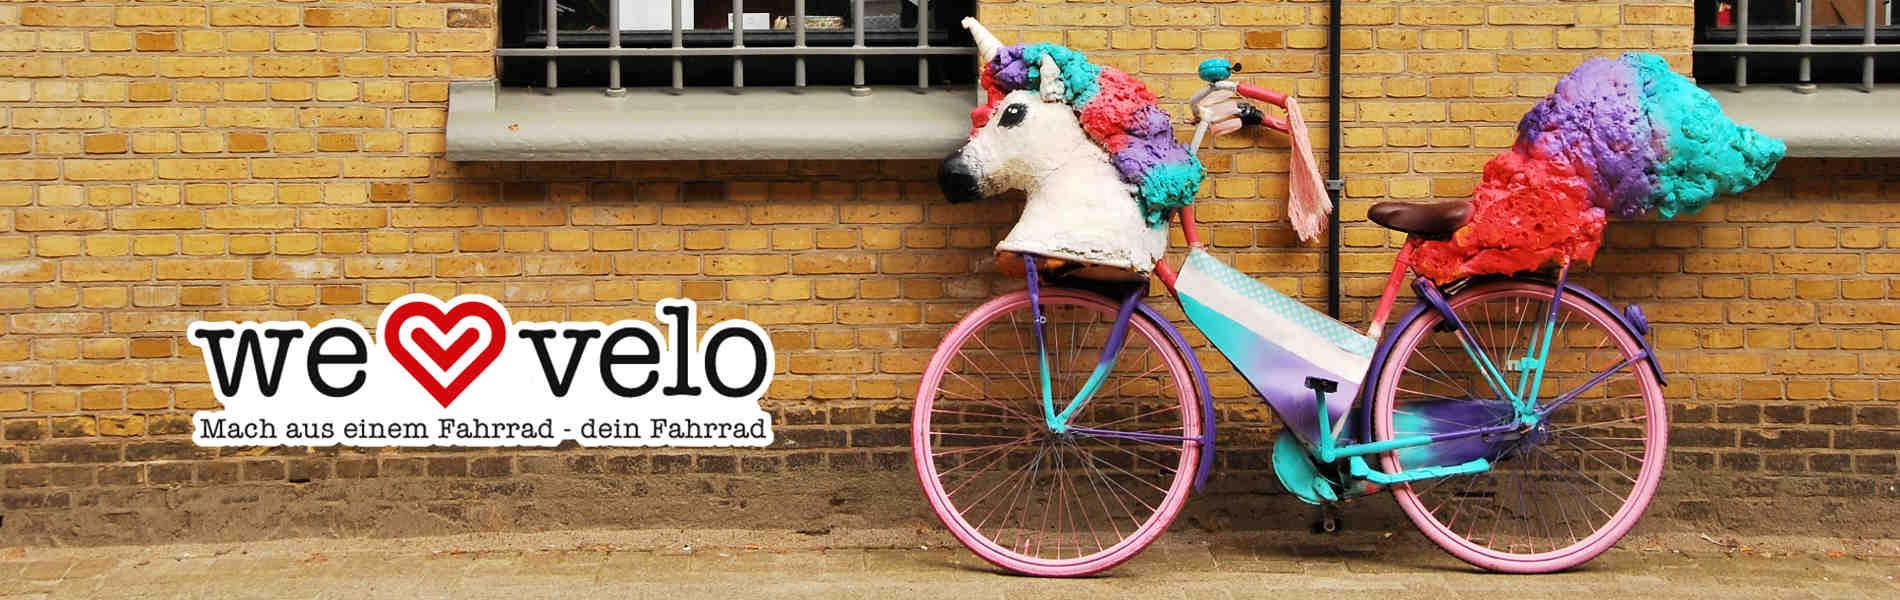 Mach aus deinem Fahrrad - Dein Fahrrad!